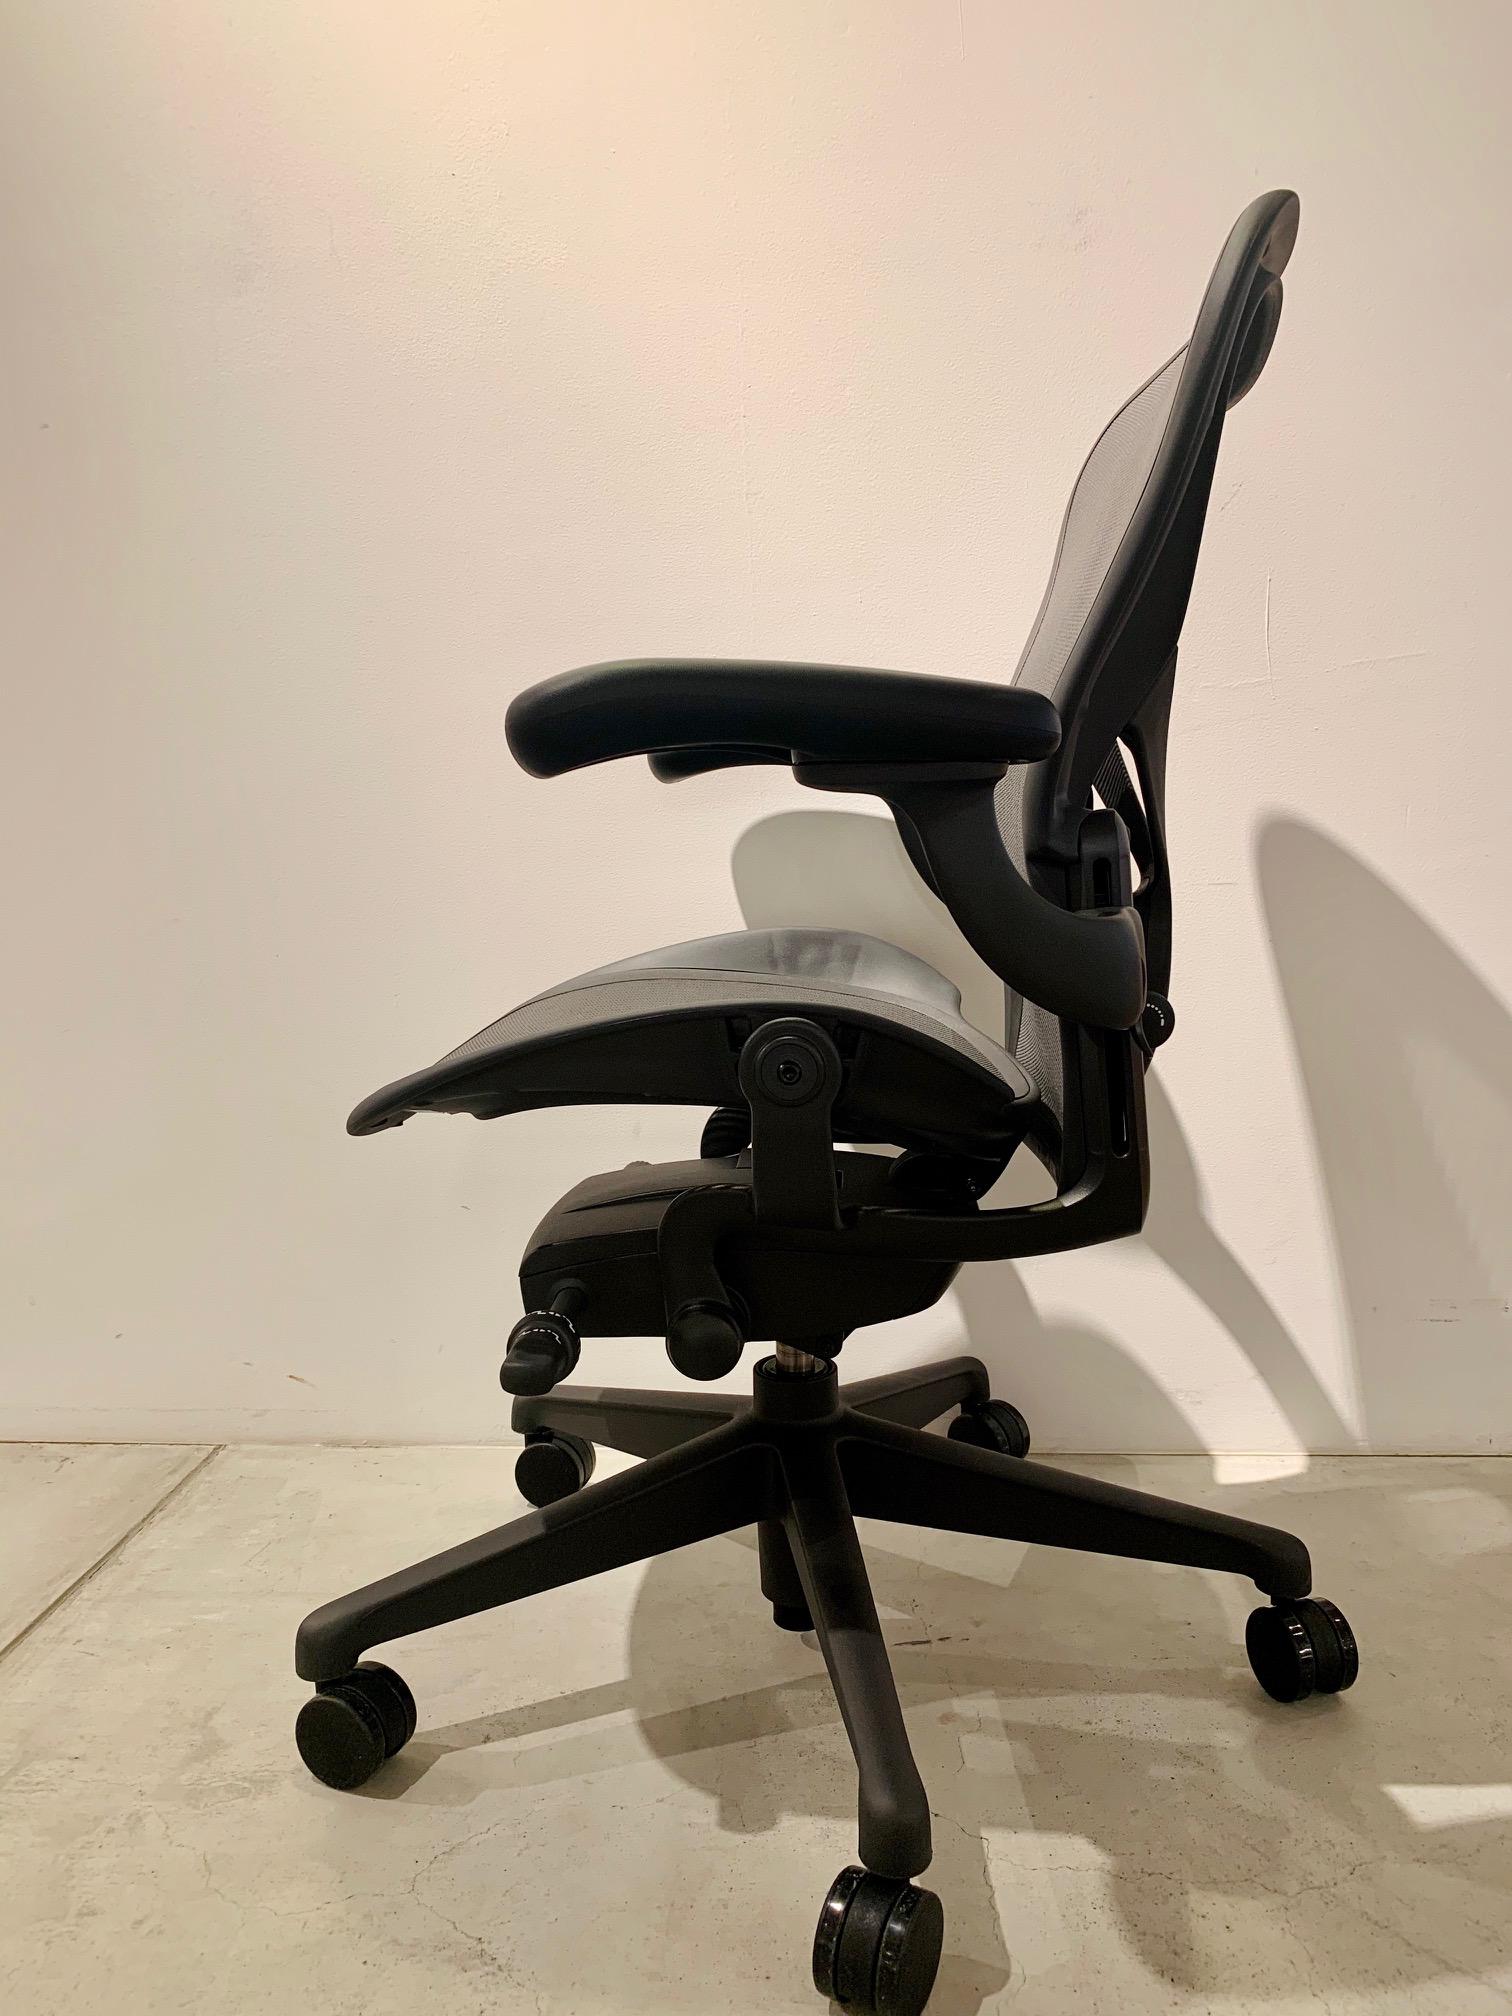 aeron chair_blog3